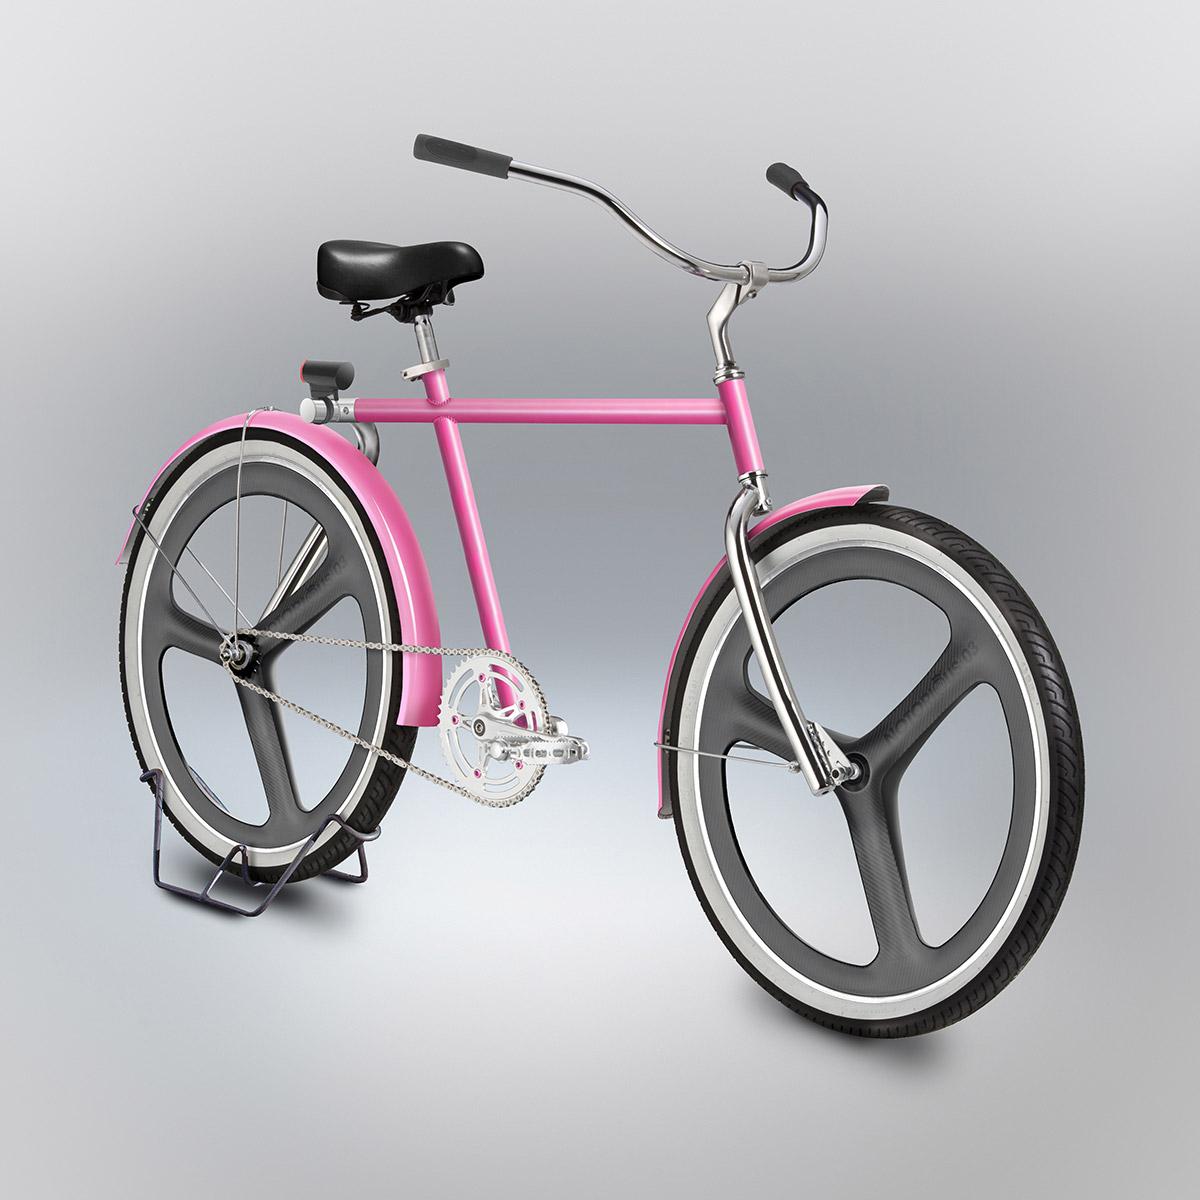 bike by mistake 20